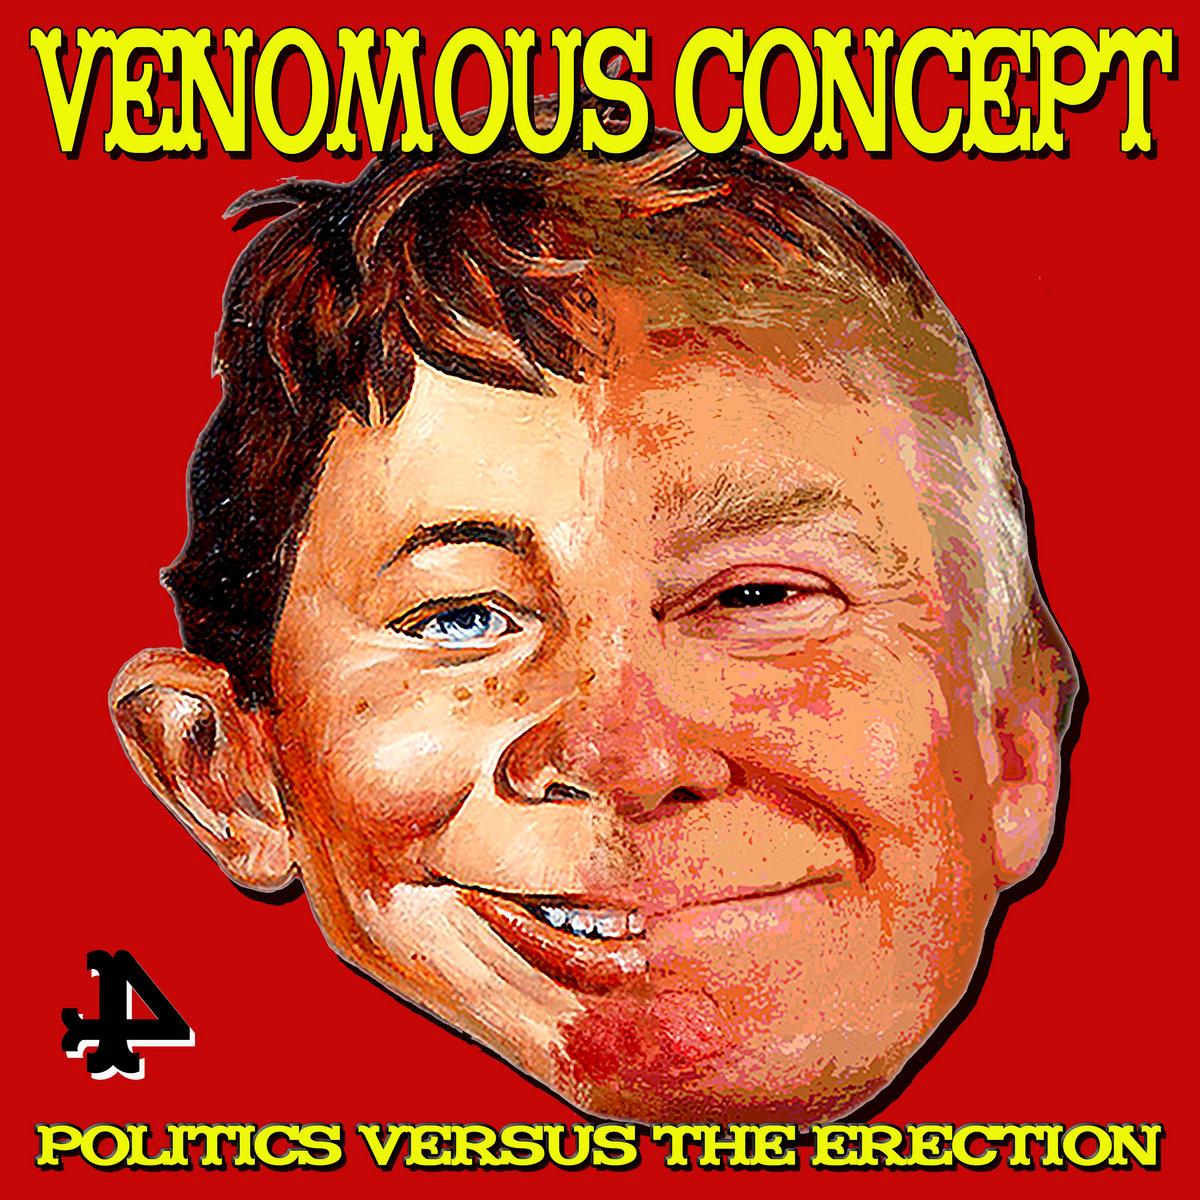 Politics Versus the Erection | Venomous Concept